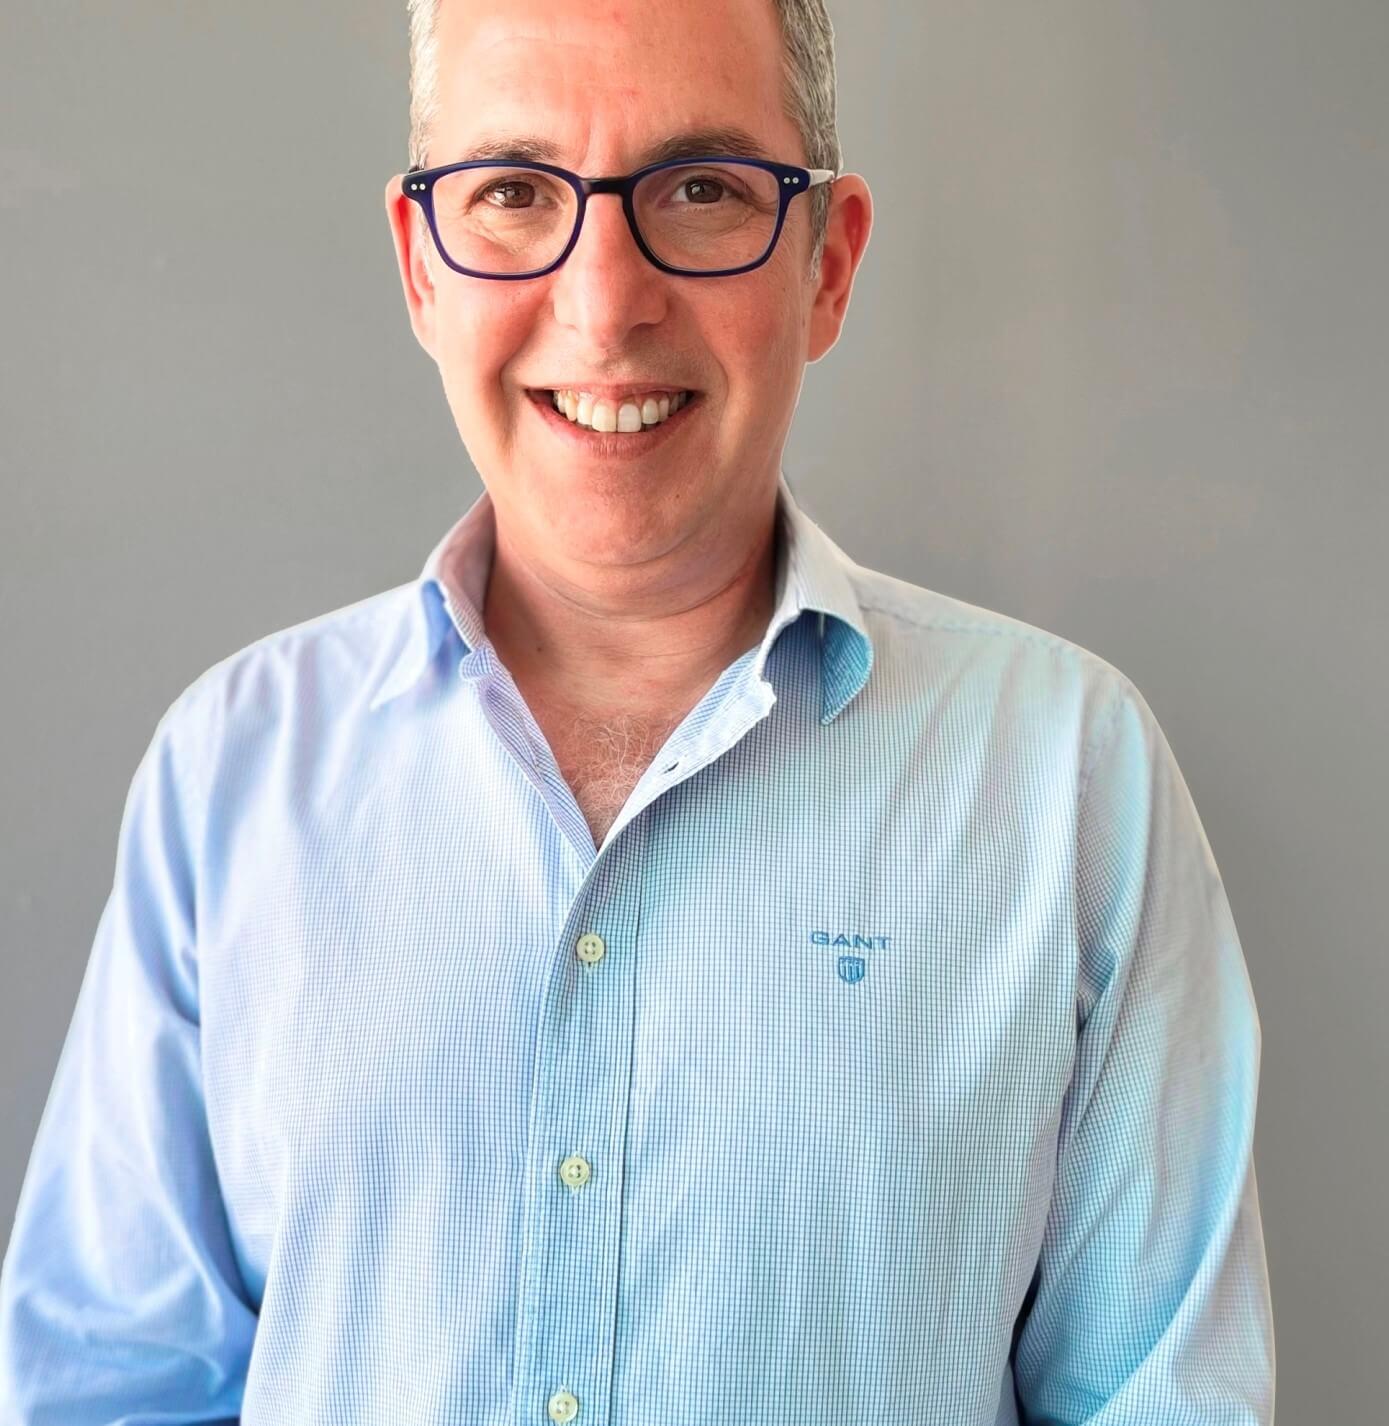 גיא אלוביץ'- מתקשורת לאורתוטיקה וטכנולוגיה פרא-רפואית. סקירה דוסיז צרכנות